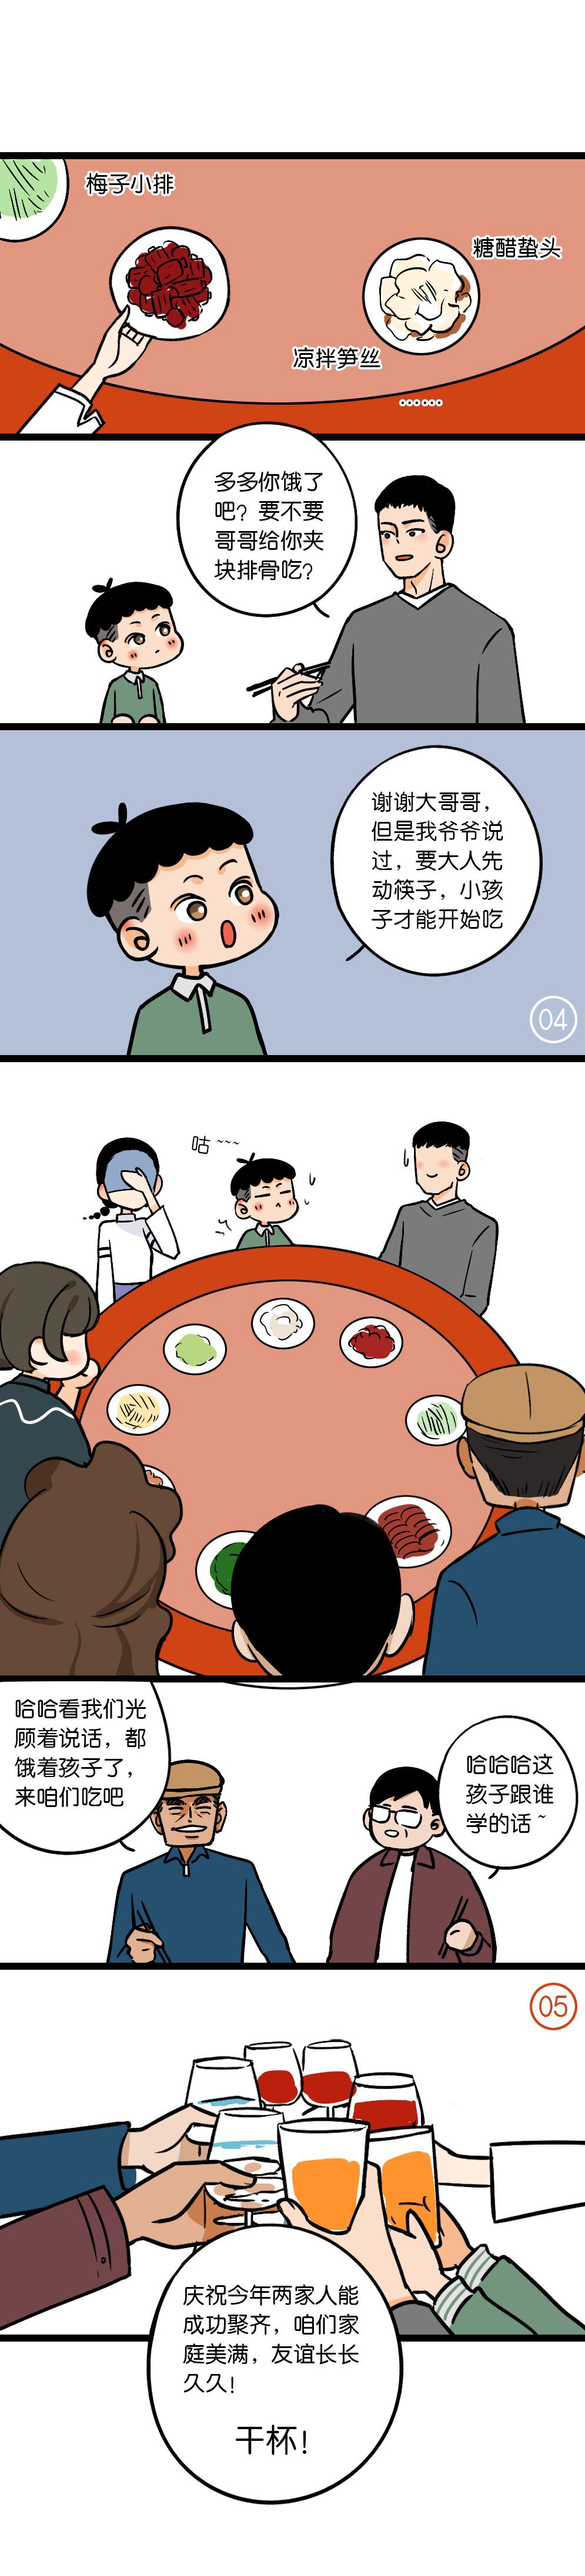 漫画03.jpg